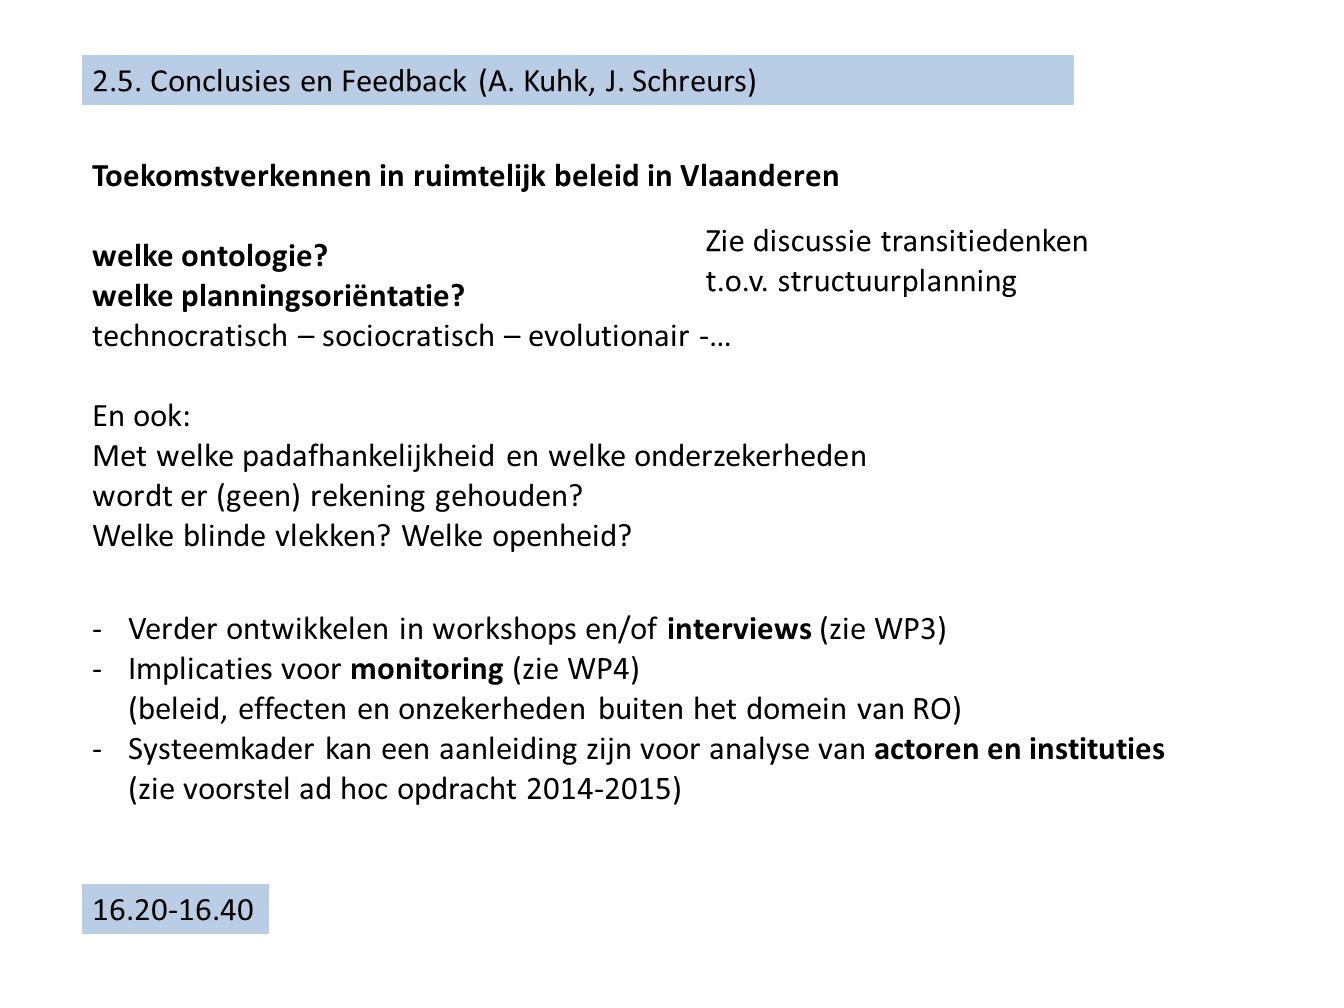 2.5. Conclusies en Feedback (A. Kuhk, J. Schreurs) 16.20-16.40 Toekomstverkennen in ruimtelijk beleid in Vlaanderen welke ontologie? welke planningsor